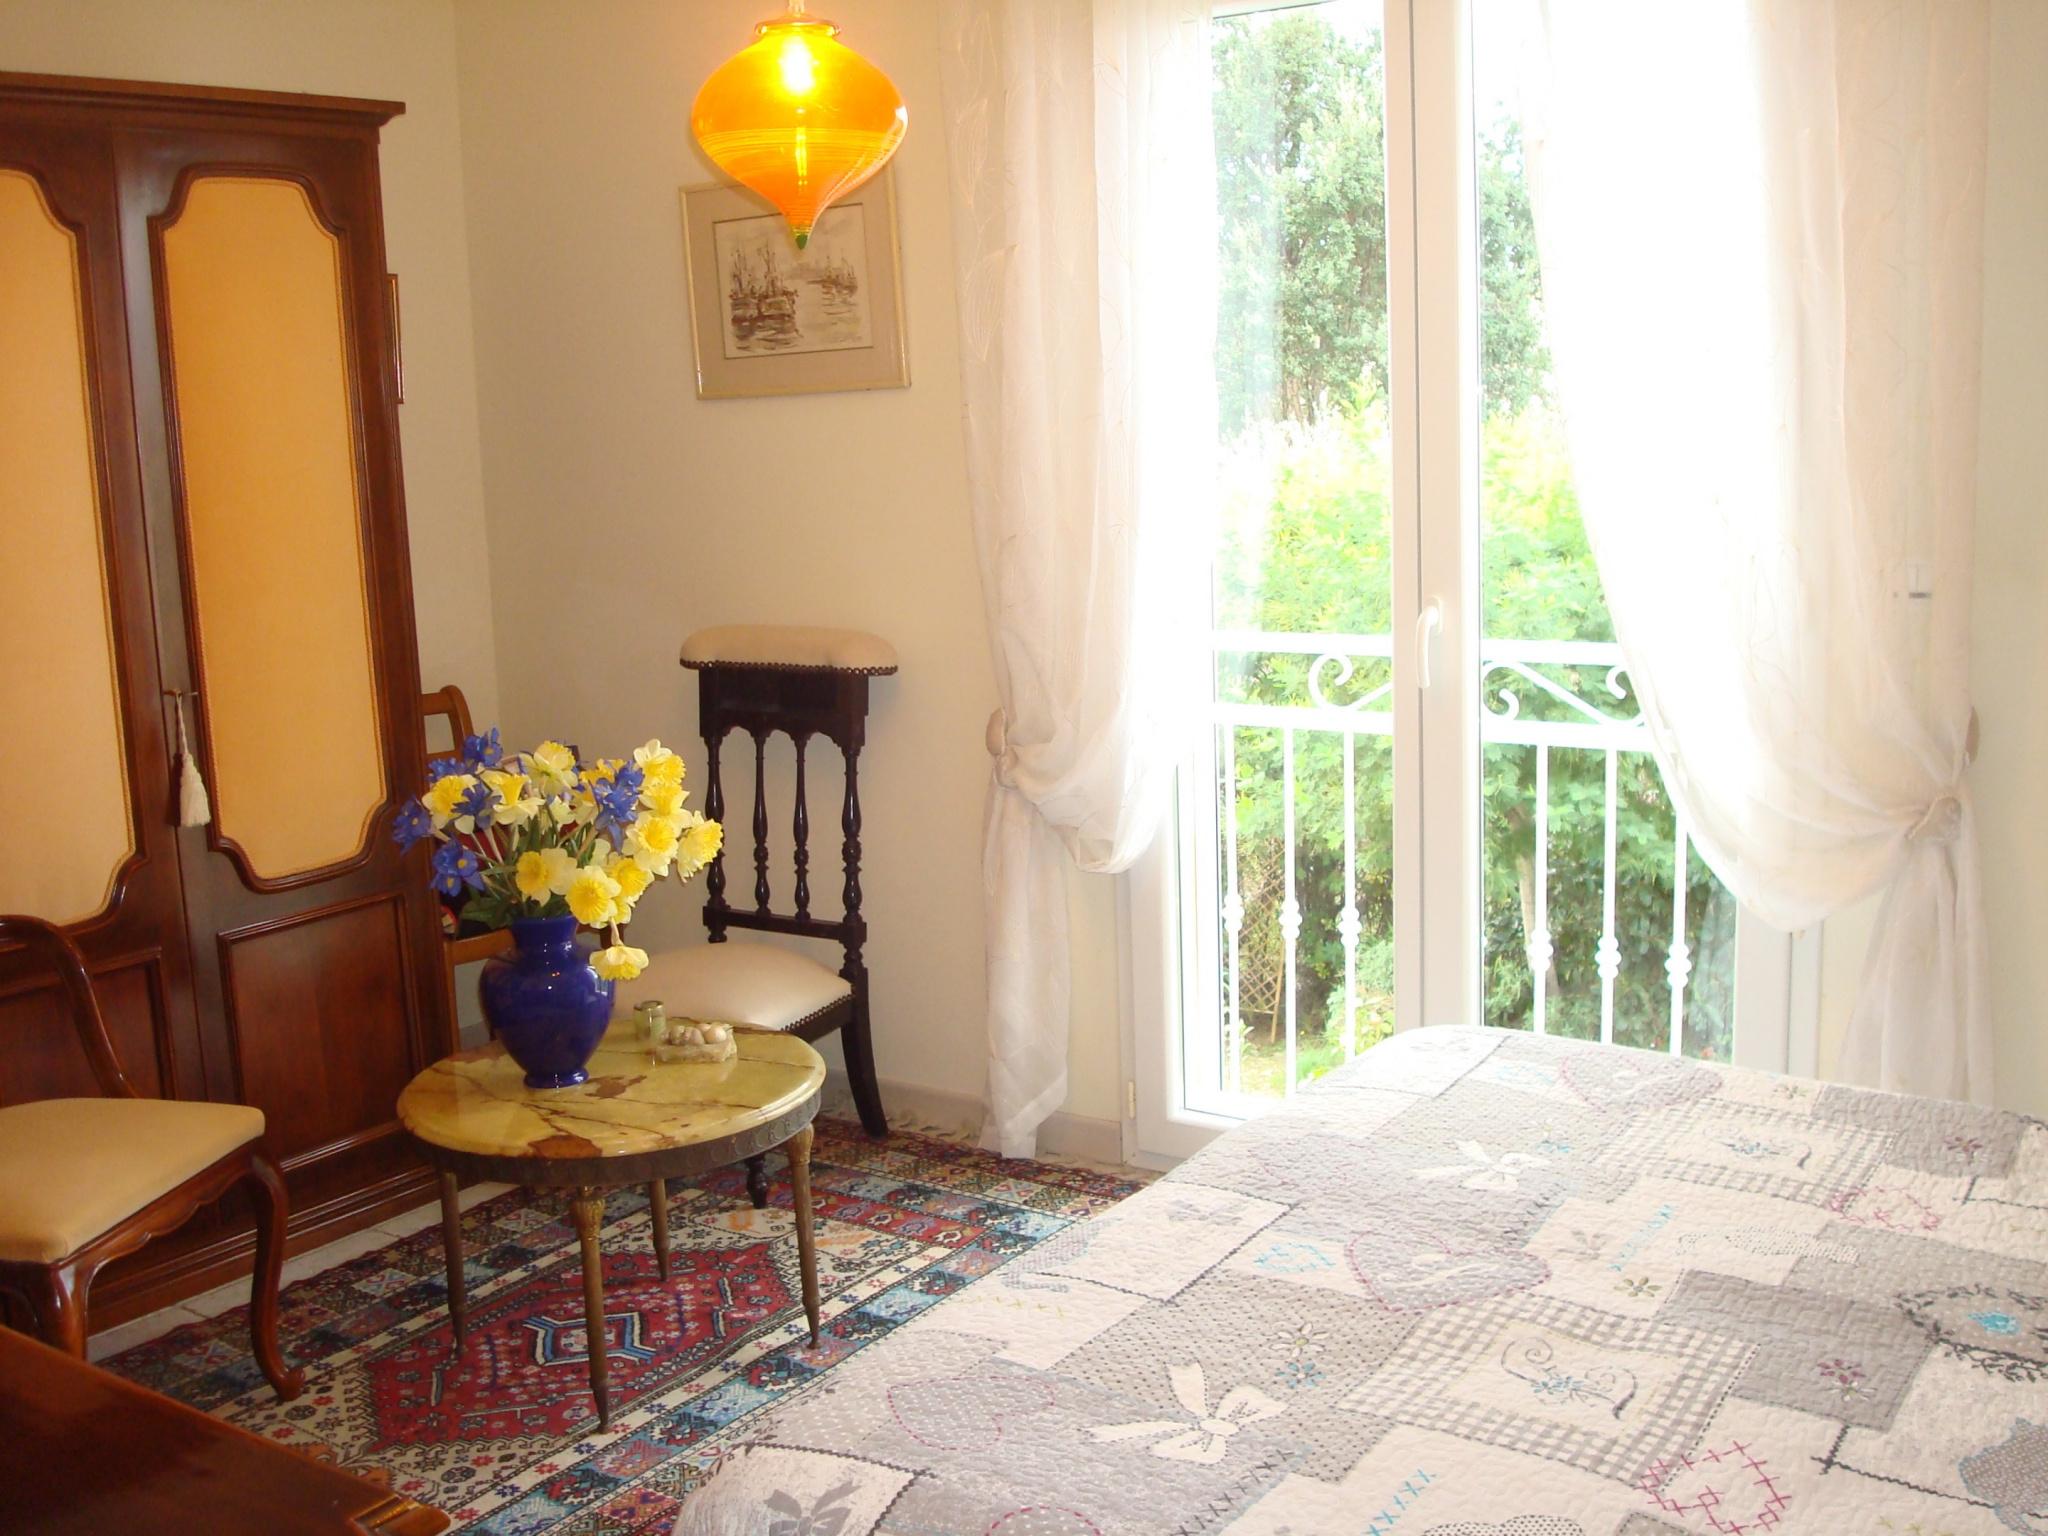 Image_9, Maison / villa, Six-Fours-les-Plages, ref :1211